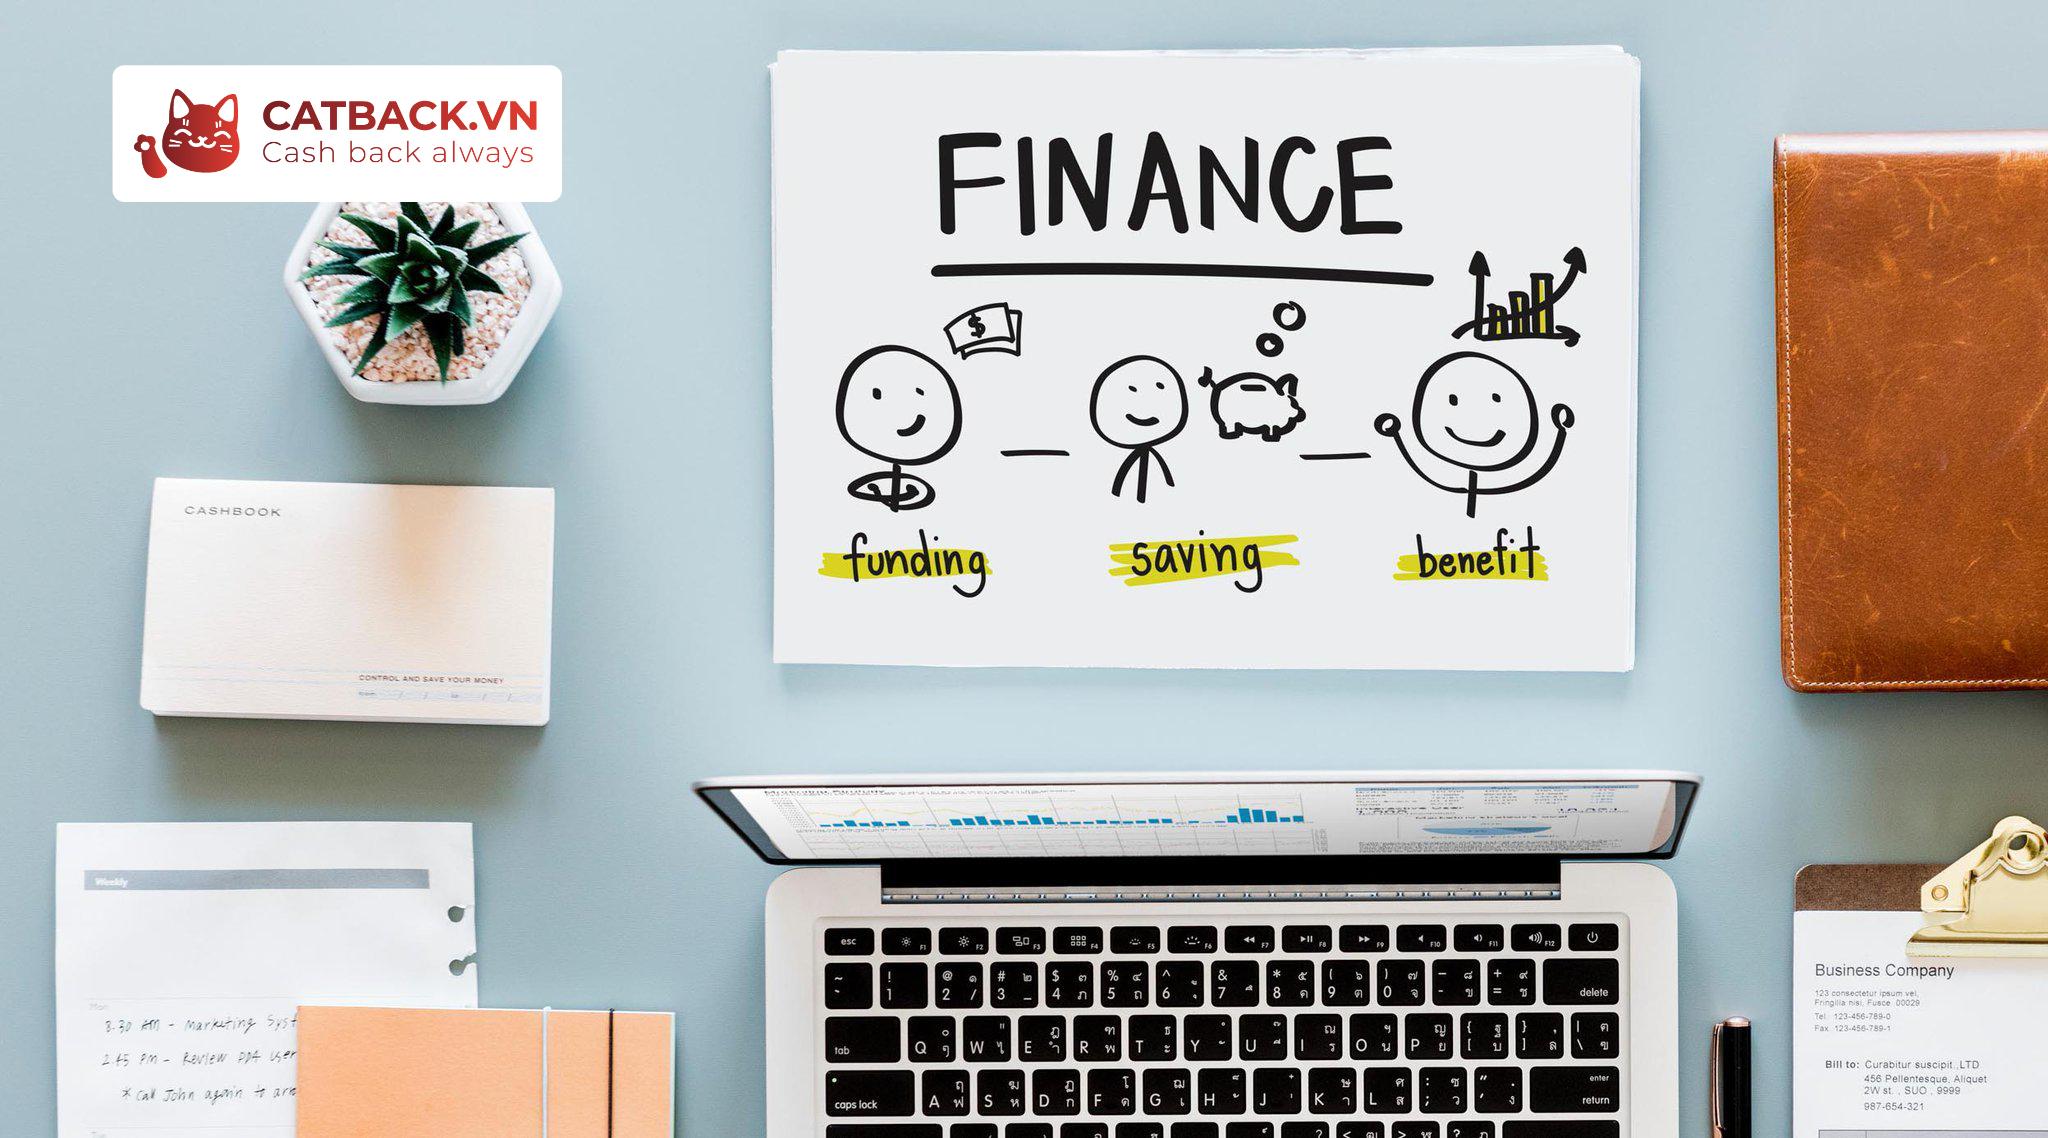 Quản lý tài chính thông qua việc lập kế hoạch chi tiêu thông minh